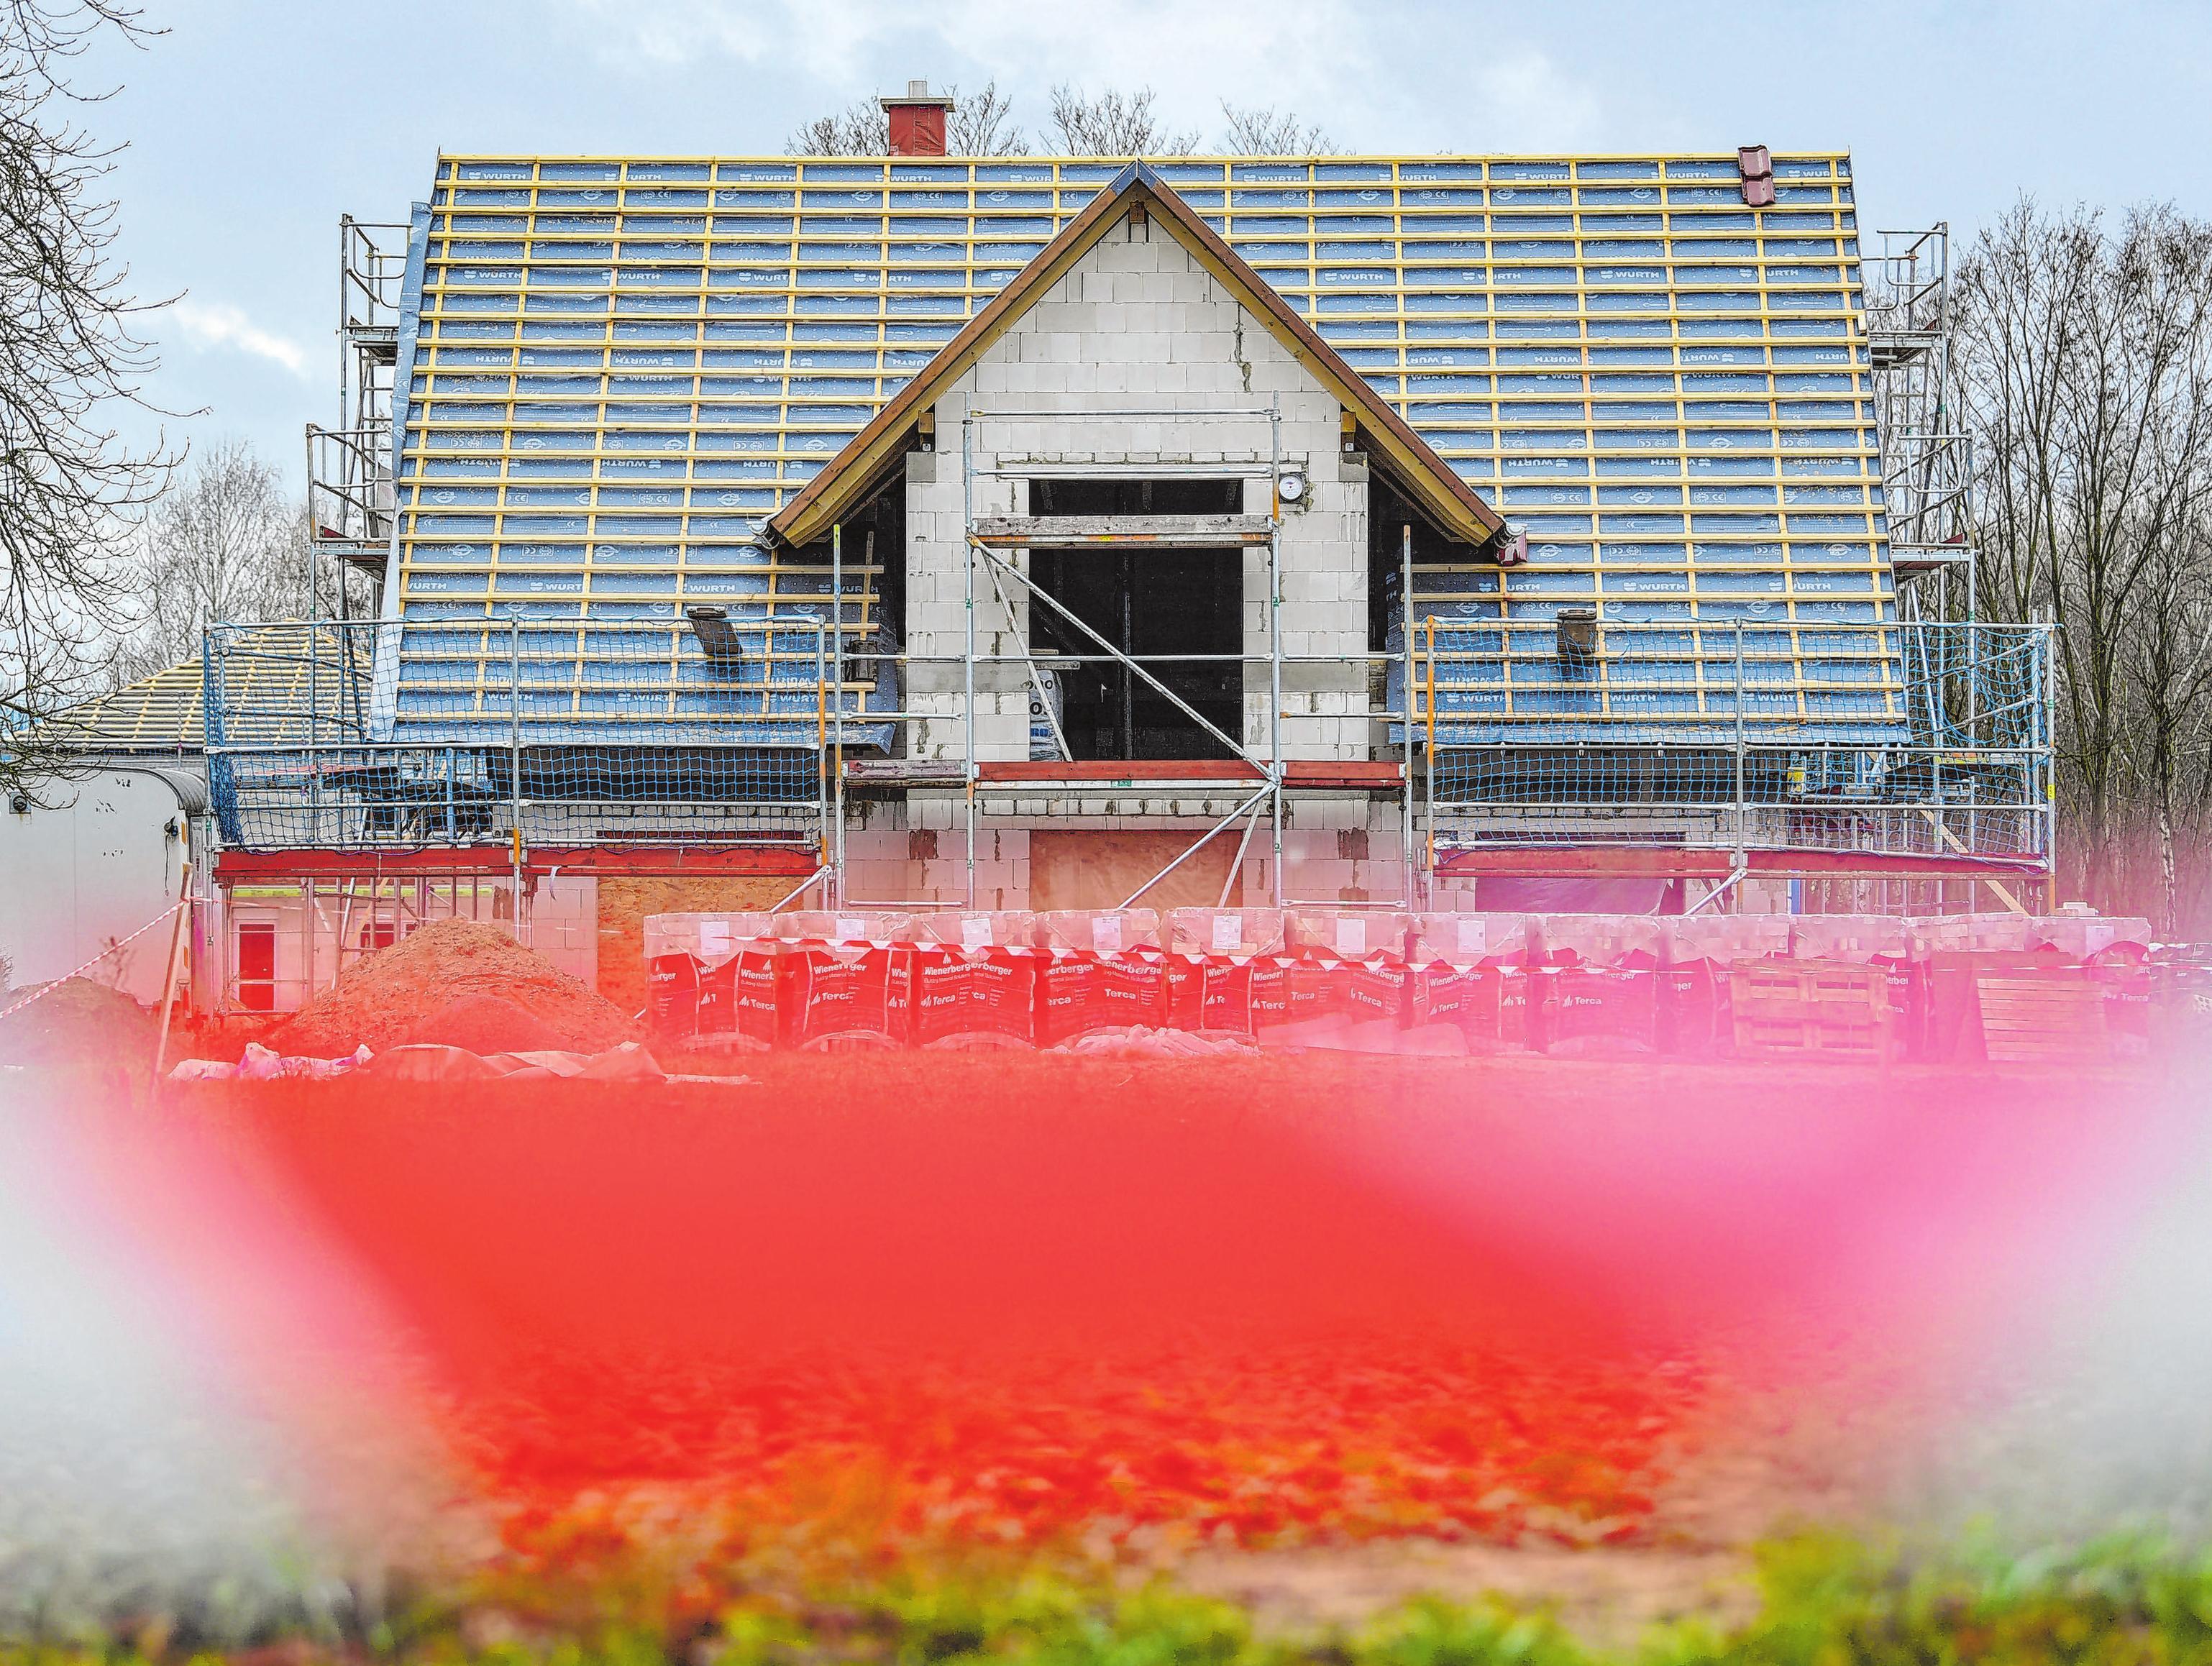 Der Bau eines Eigenheims kann entscheidend beeinflusst werden durch den Grund, auf dem das künftige Gebäude stehen soll. Foto: Patrick Pleul/dpa-Zentralbild